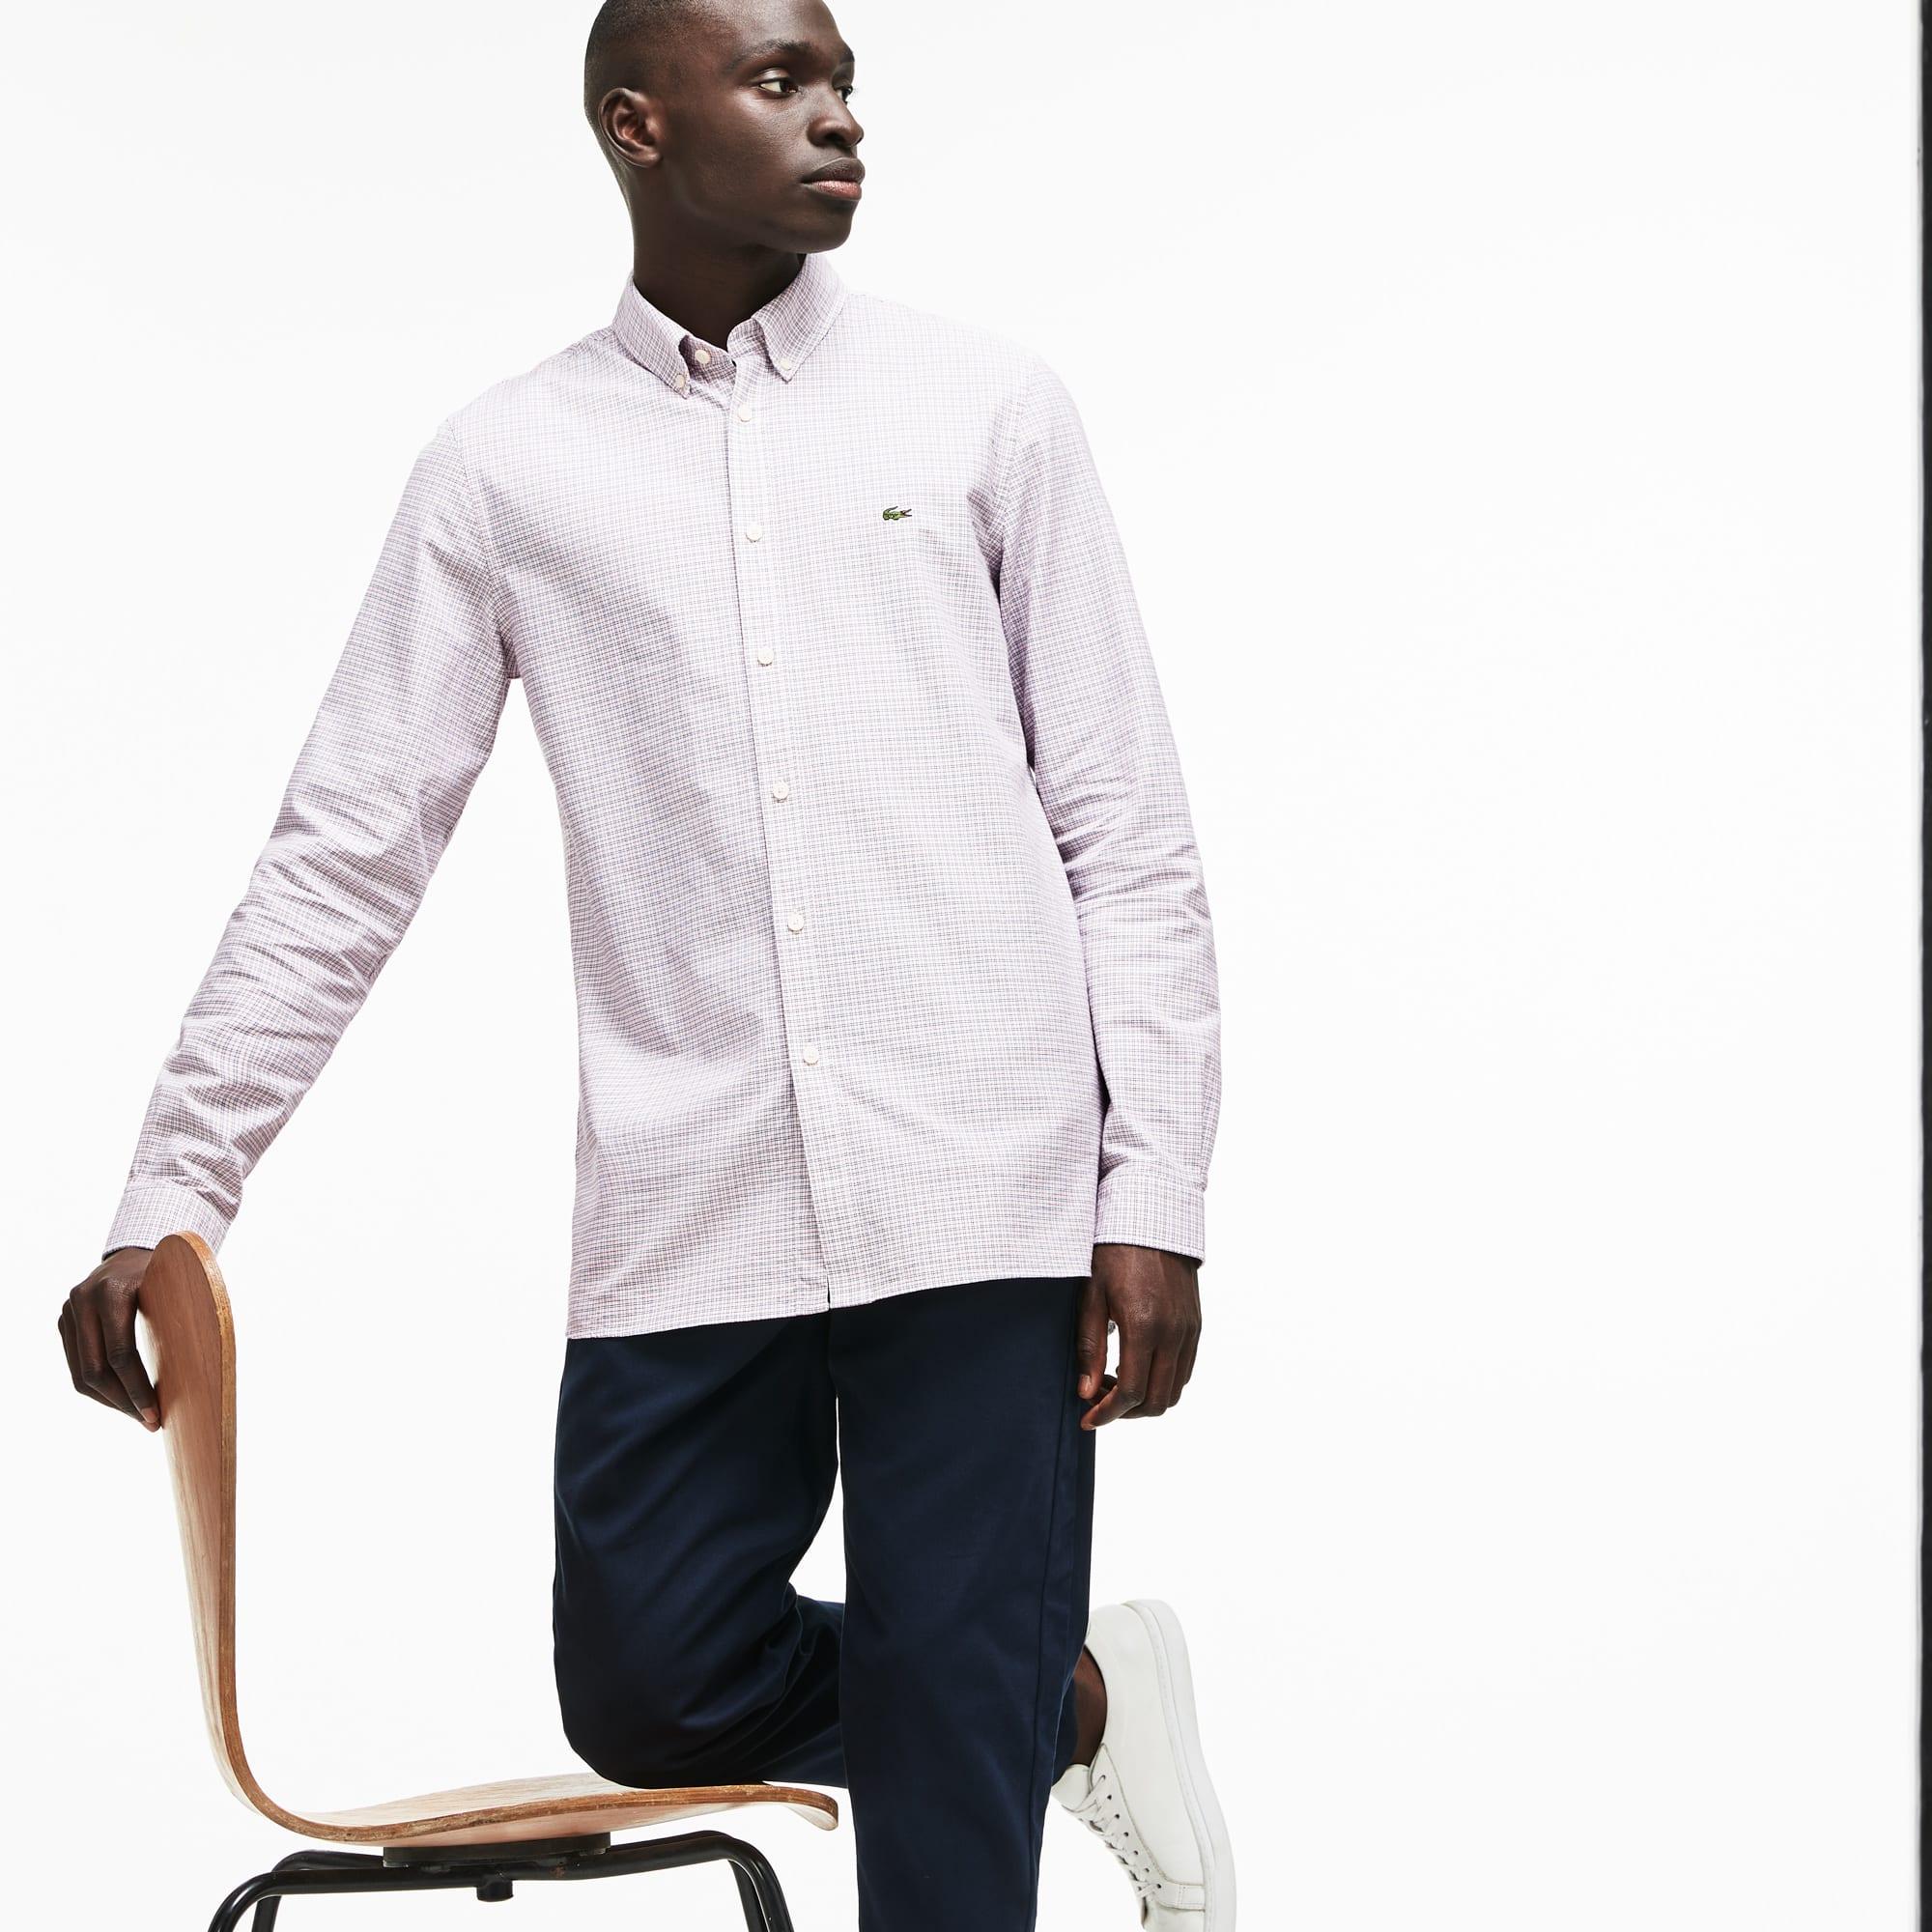 Lacoste - Camisa De Hombre Slim Fit En Algodón Oxford Elástico De Cuadros - 1